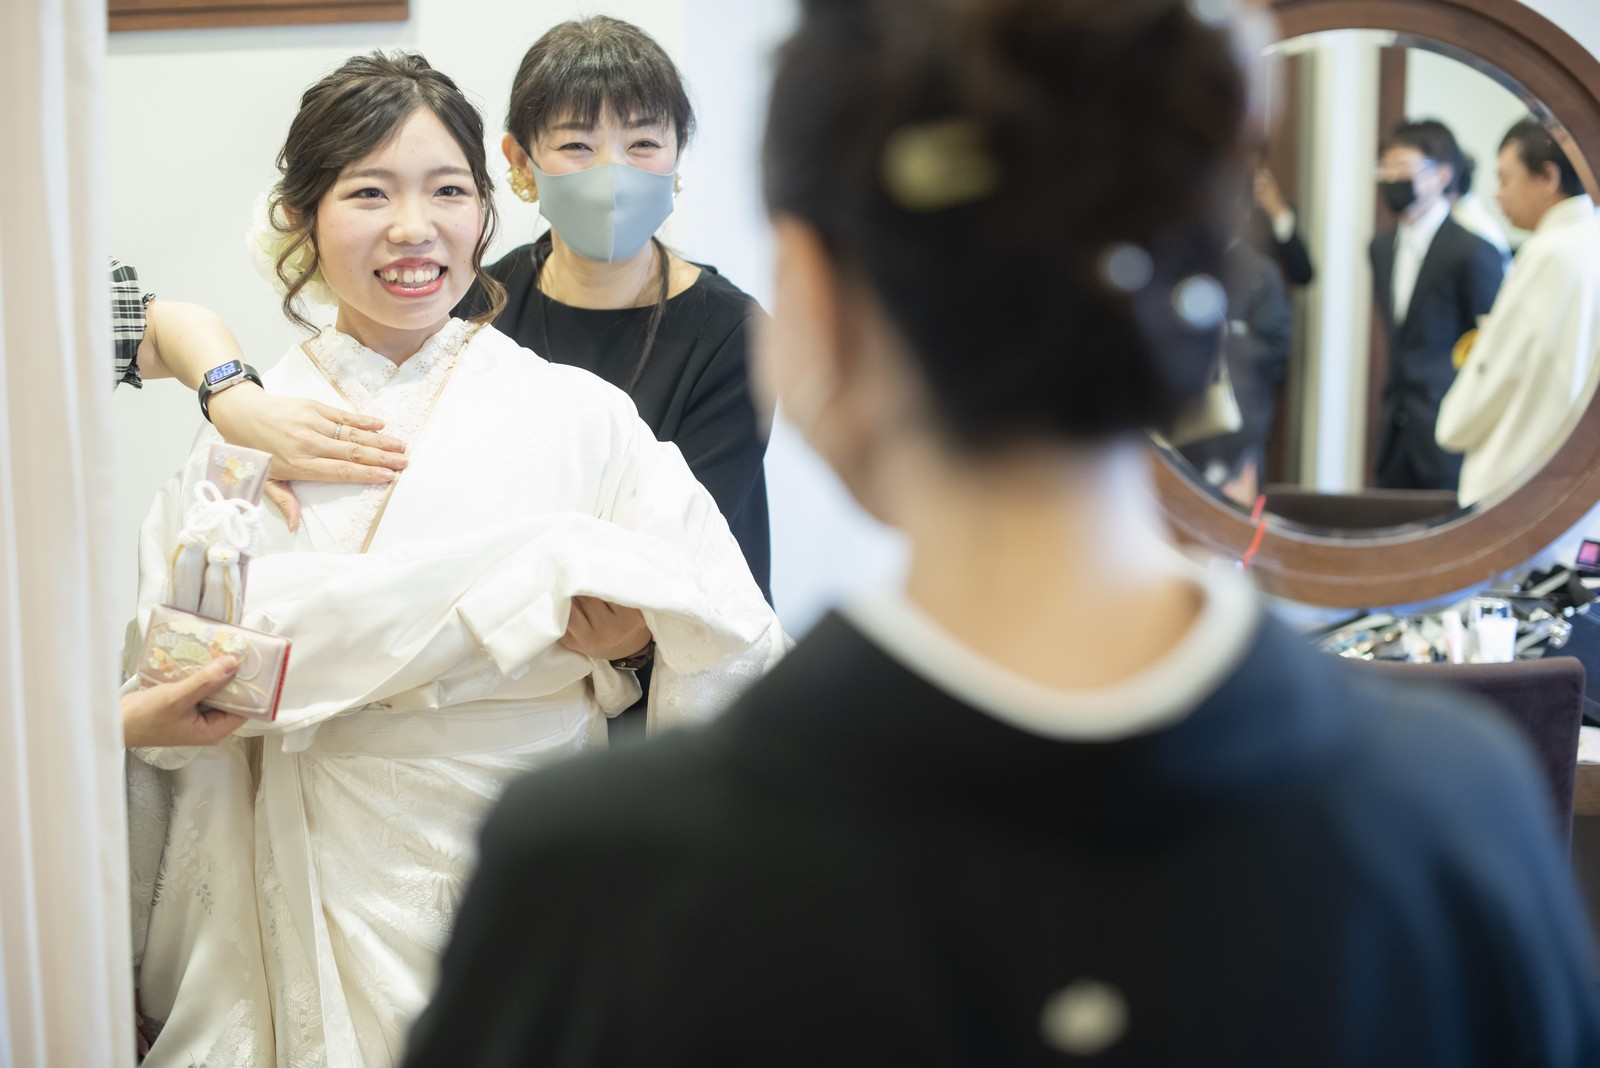 徳島市の結婚式場ブランアンジュで白無垢を着付けながら笑顔の新婦